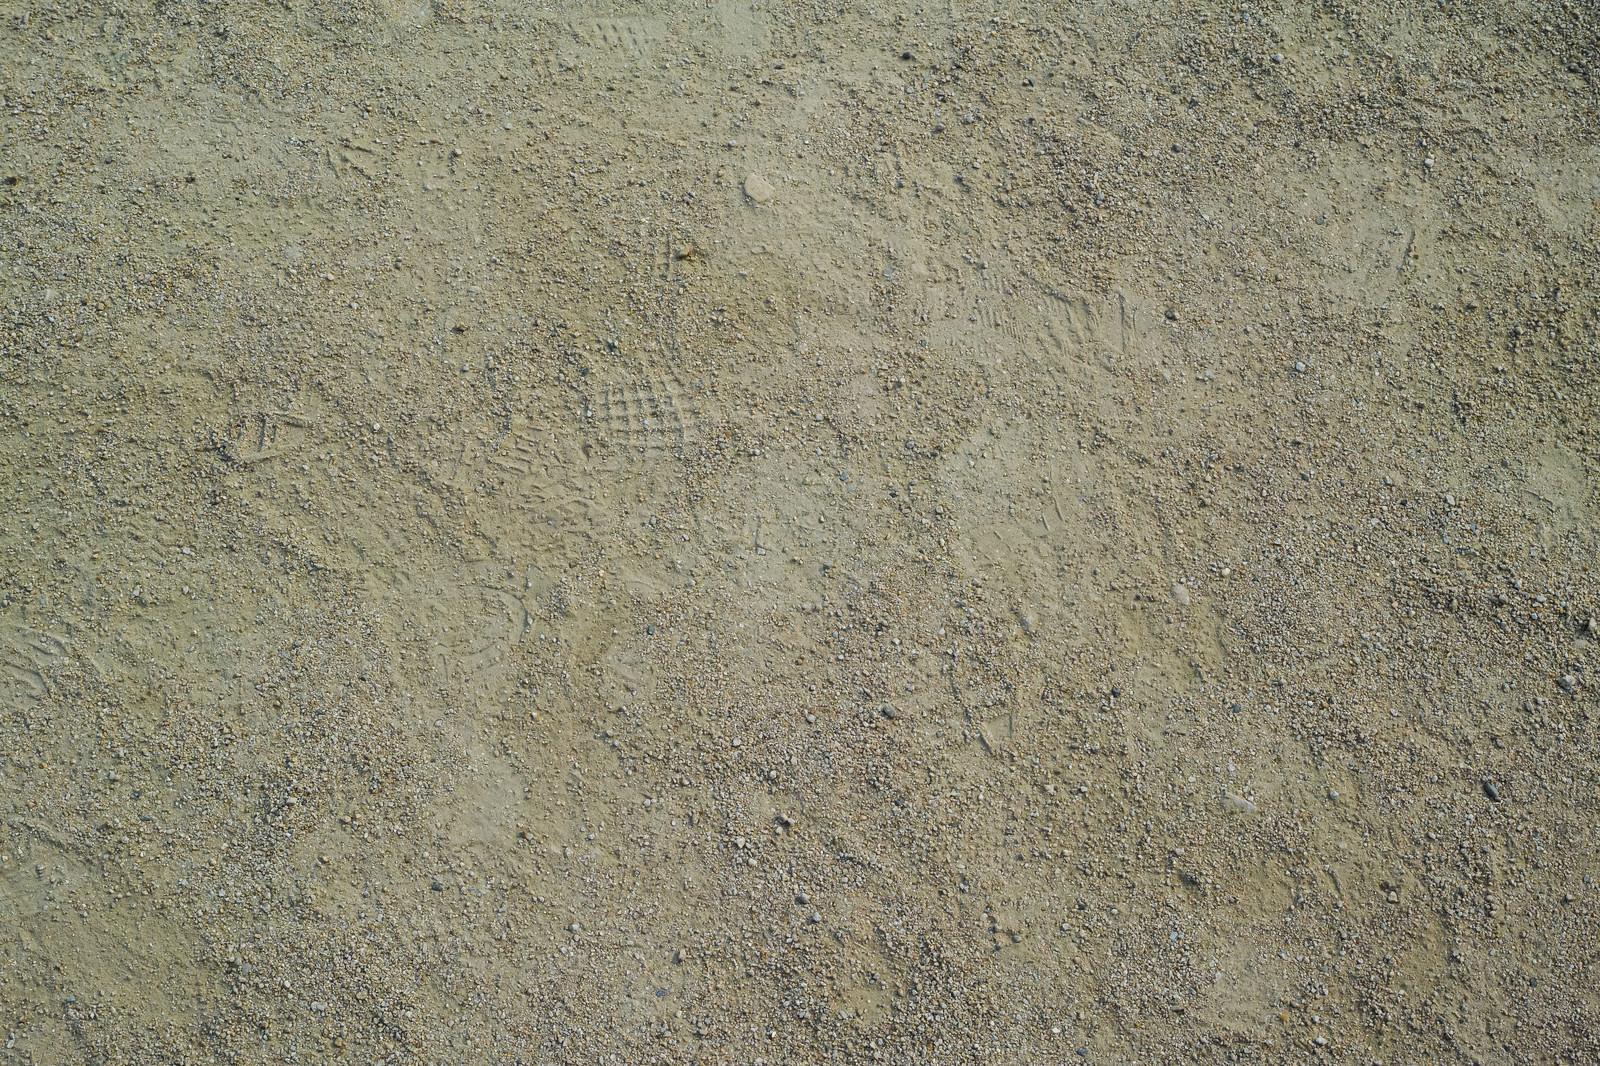 「運動場に残る足跡(テクスチャ)」の写真